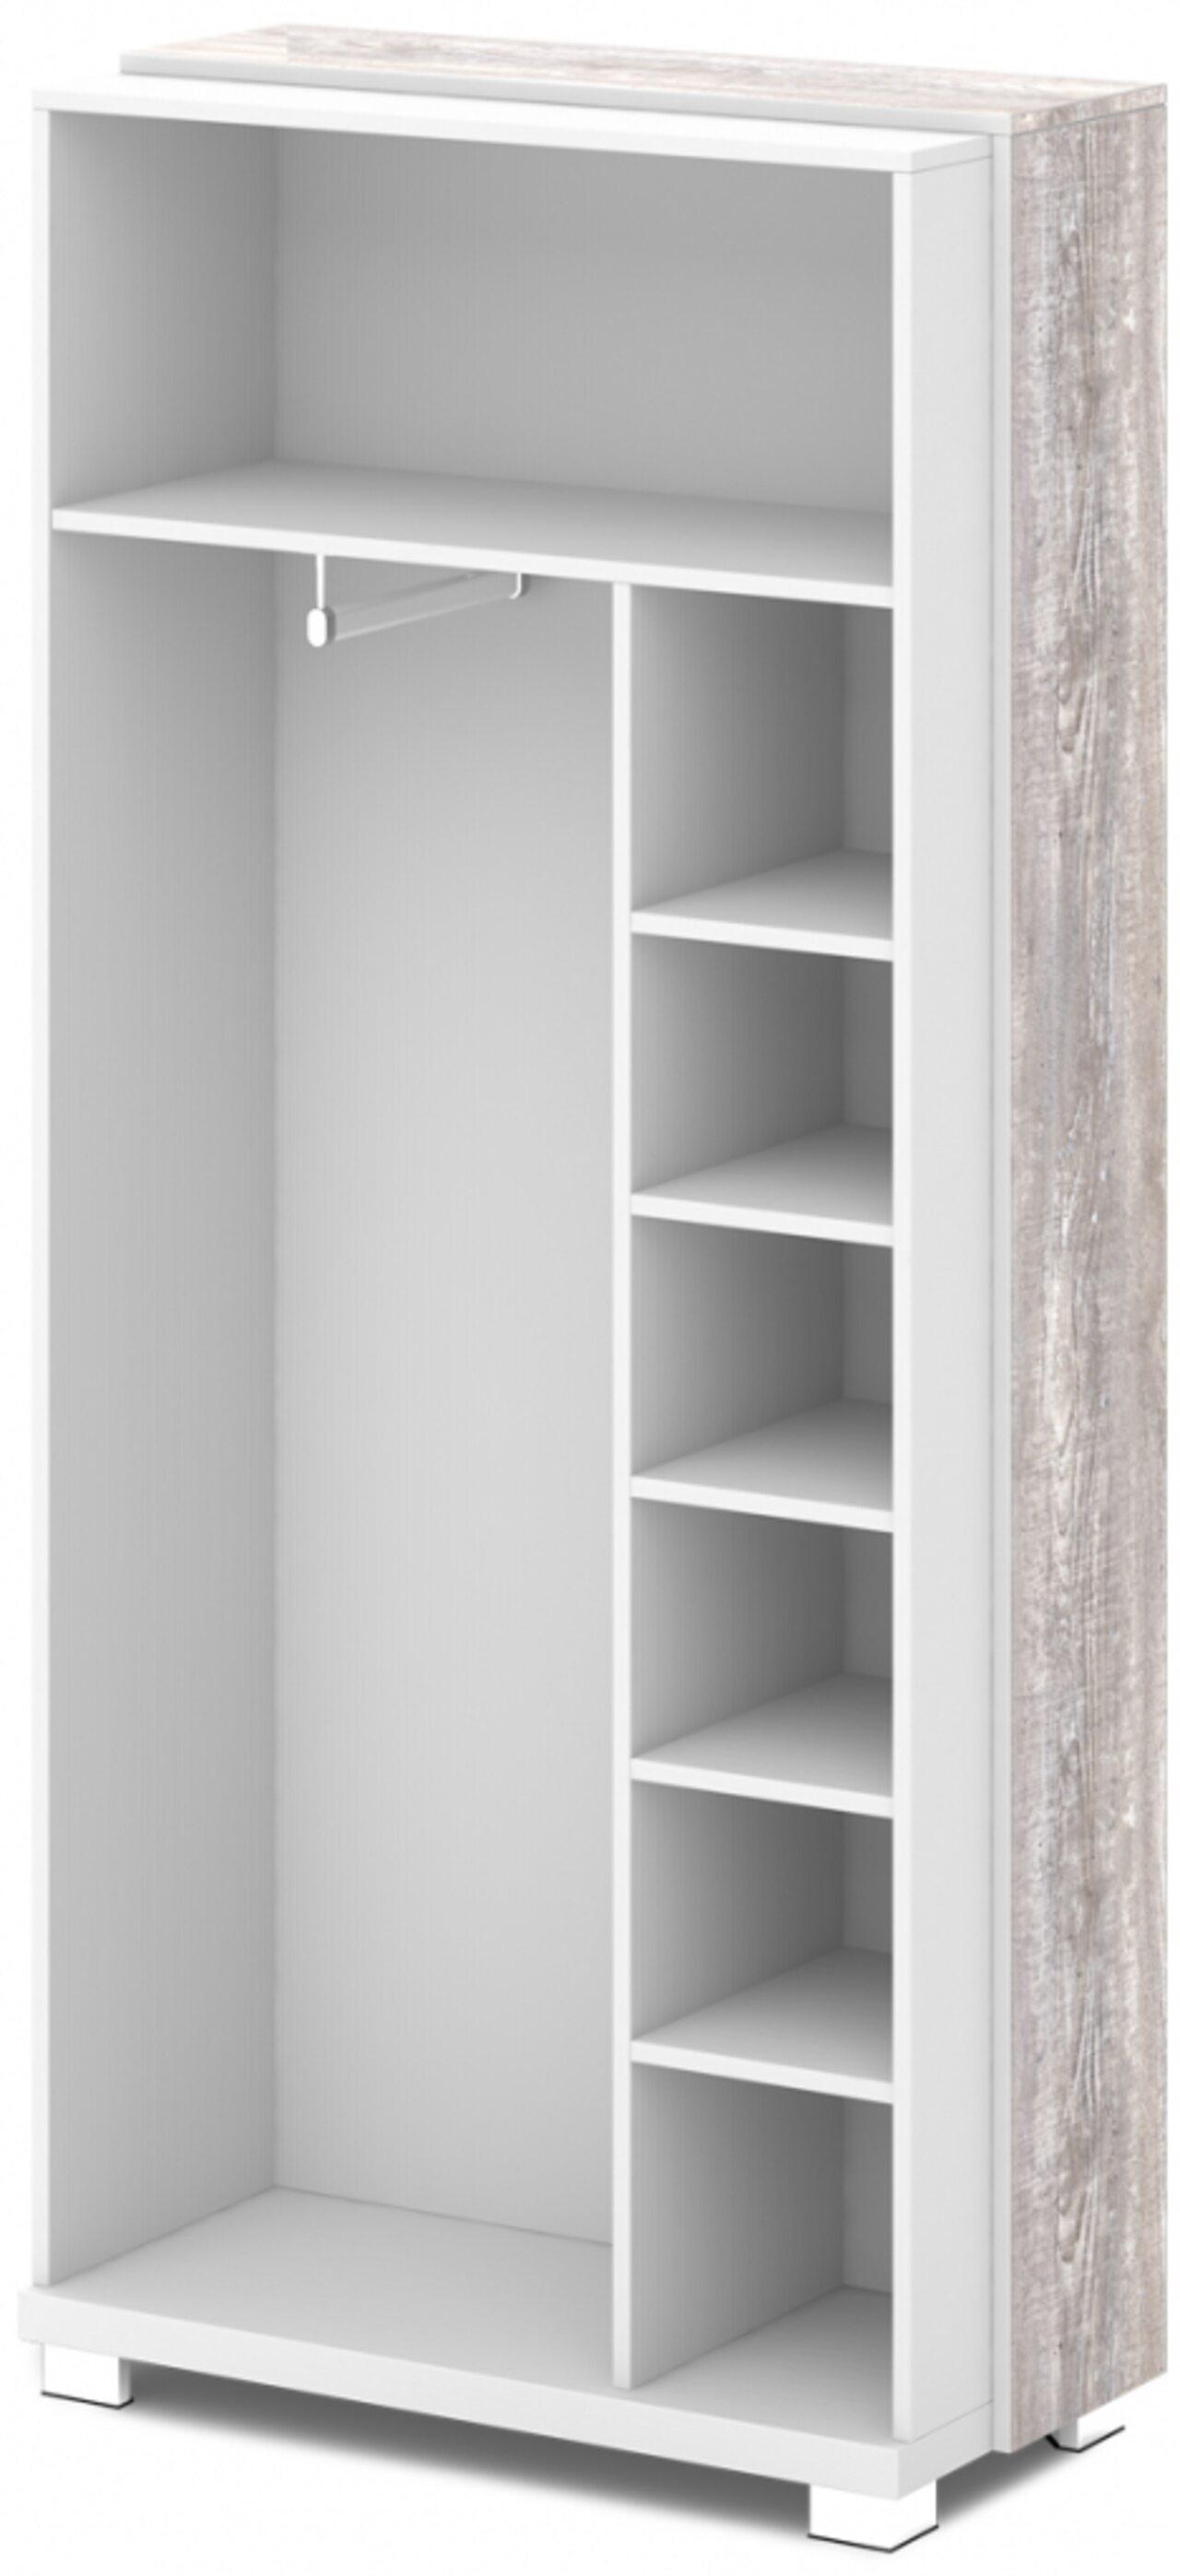 Каркас шкафа для одежды крайний - фото 1